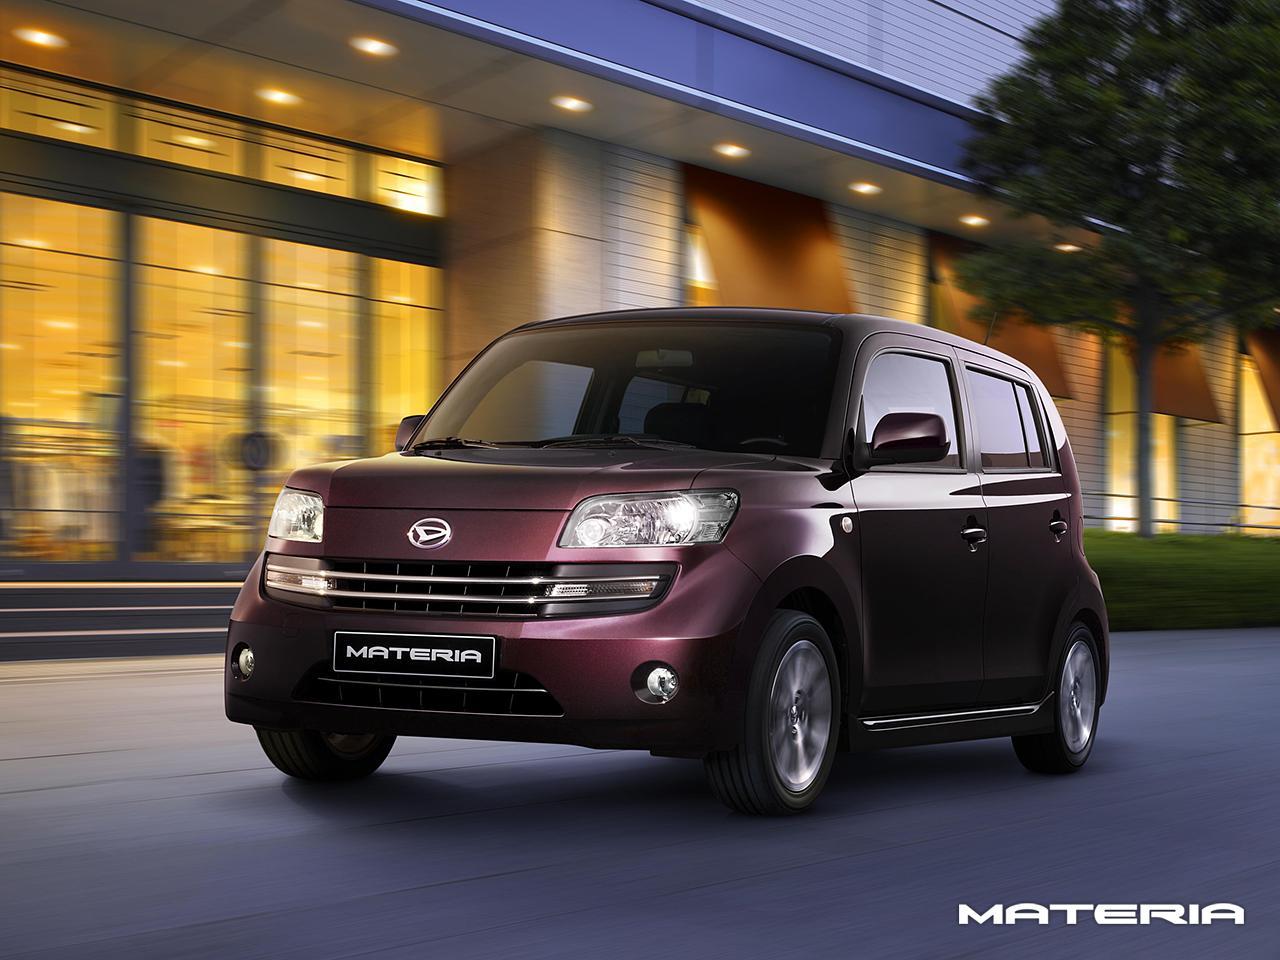 2009 Daihatsu Materia News and Information | conceptcarz.com